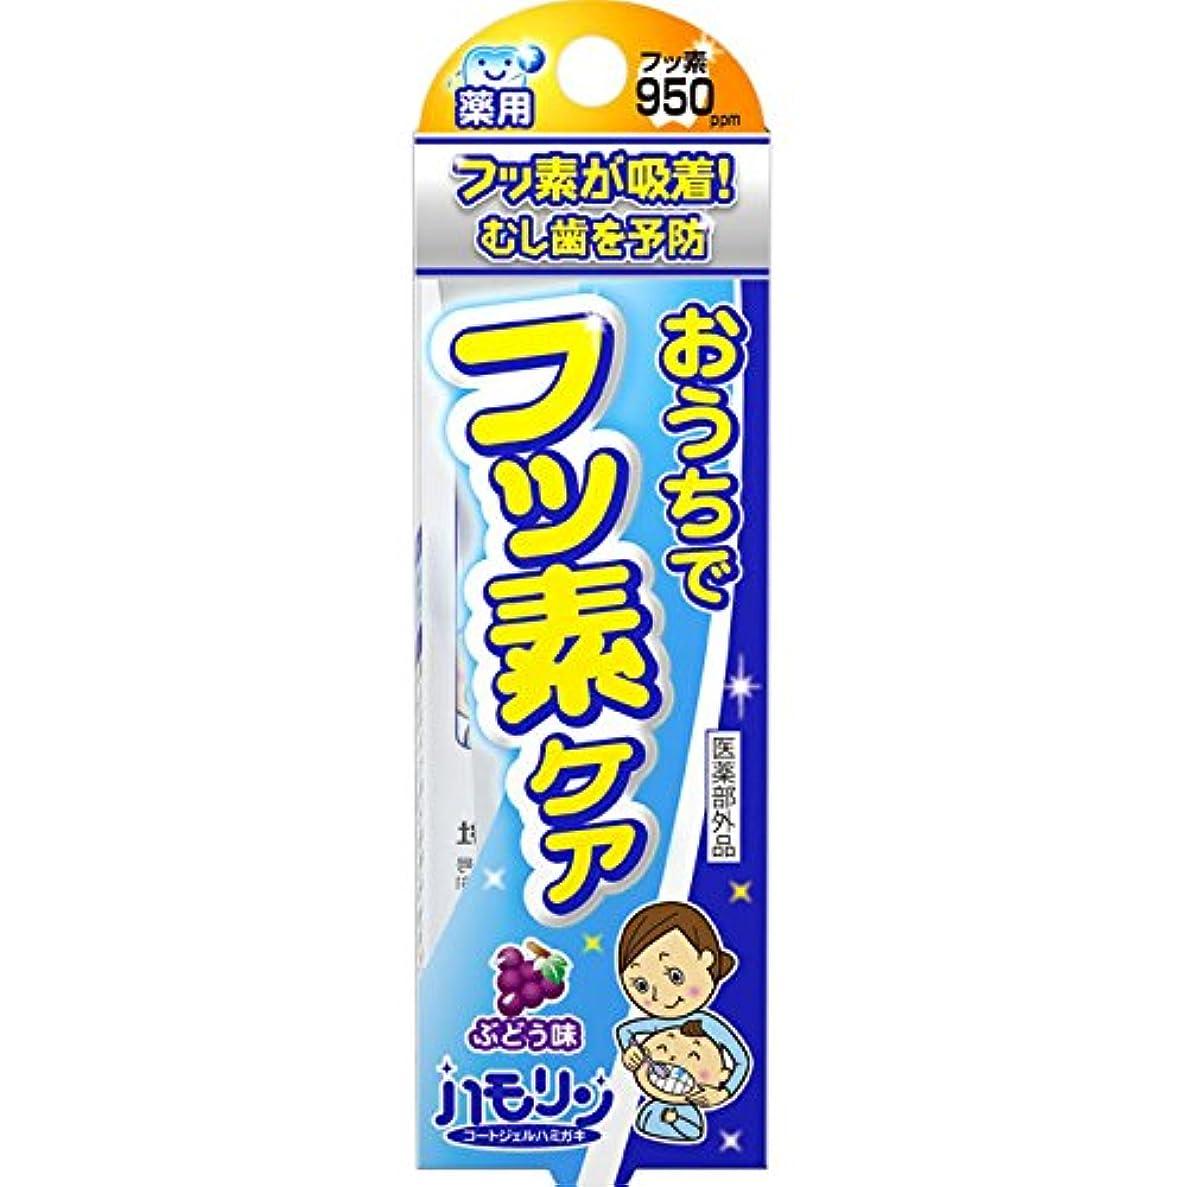 テニストレイやりすぎ丹平製薬 ハモリン ぶどう味 30g